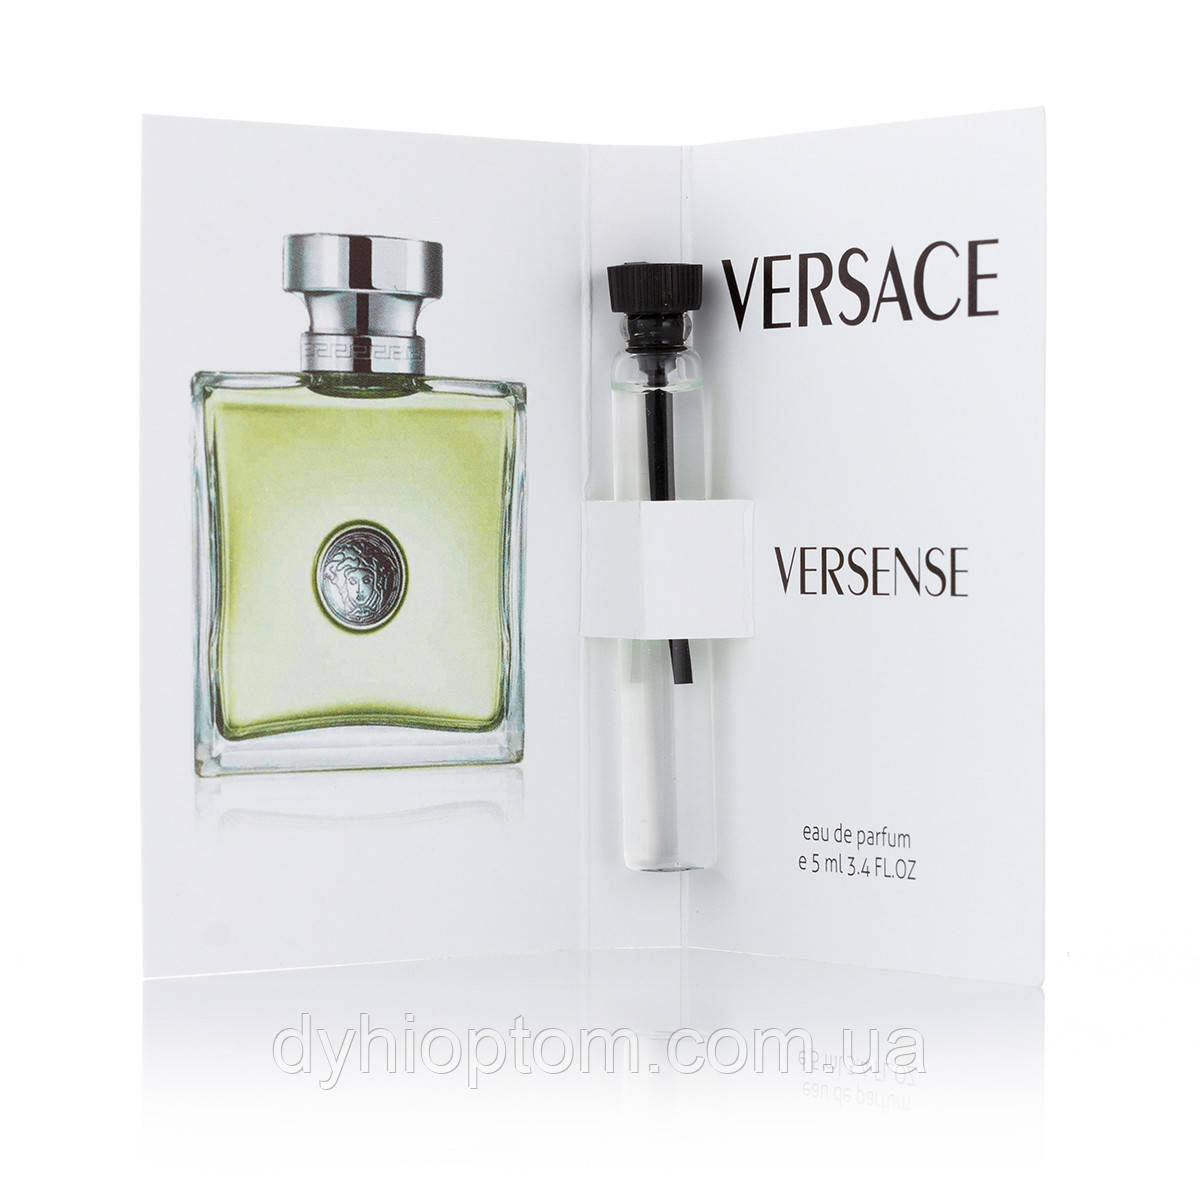 Пробник парфюмированный 5 мл Versace Versense для женщин